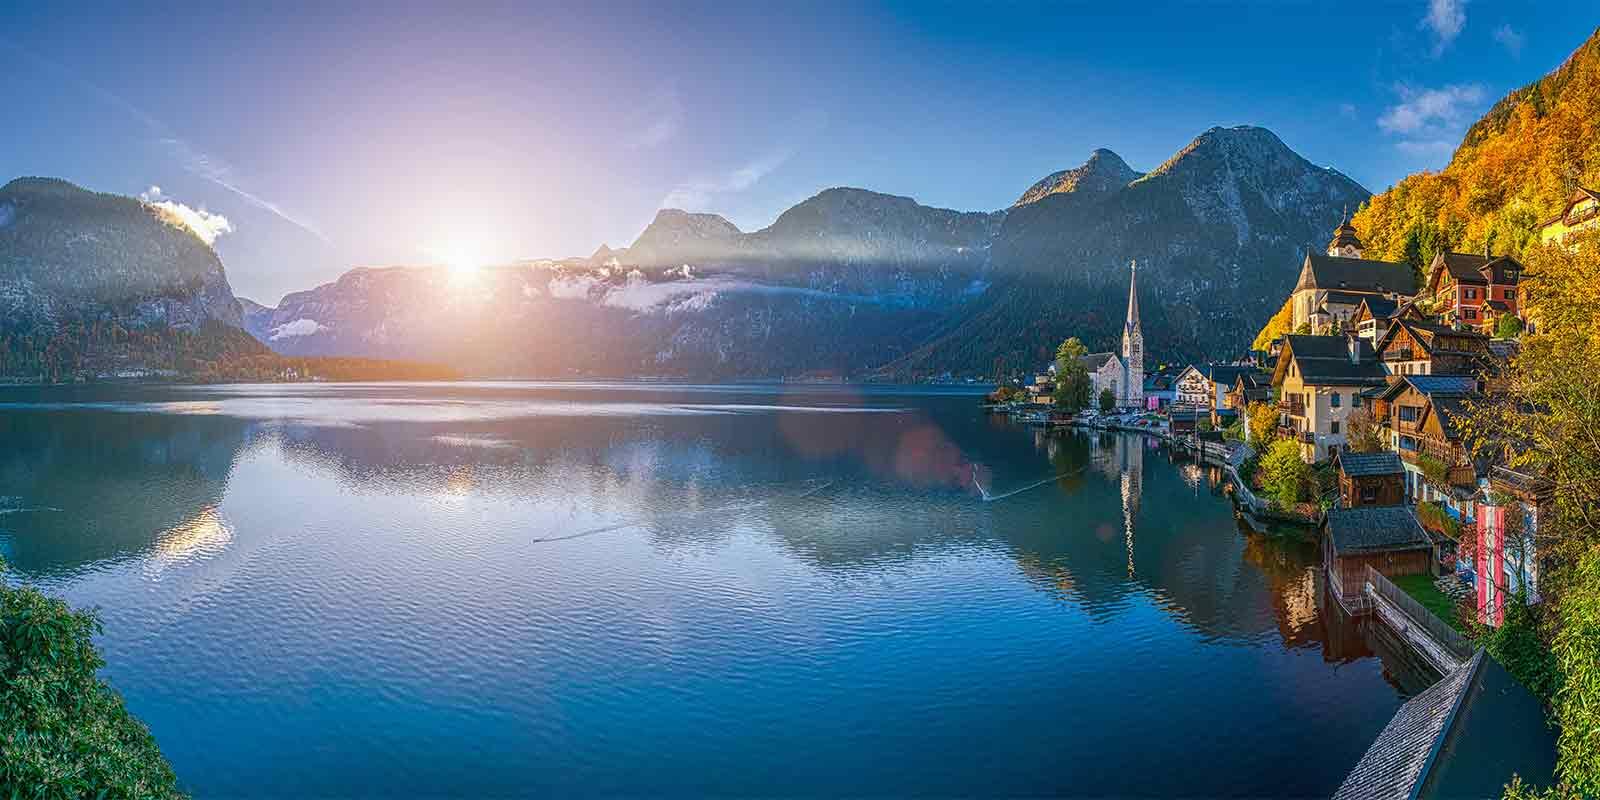 Picturesque Hallstatt village in Salzkammergut